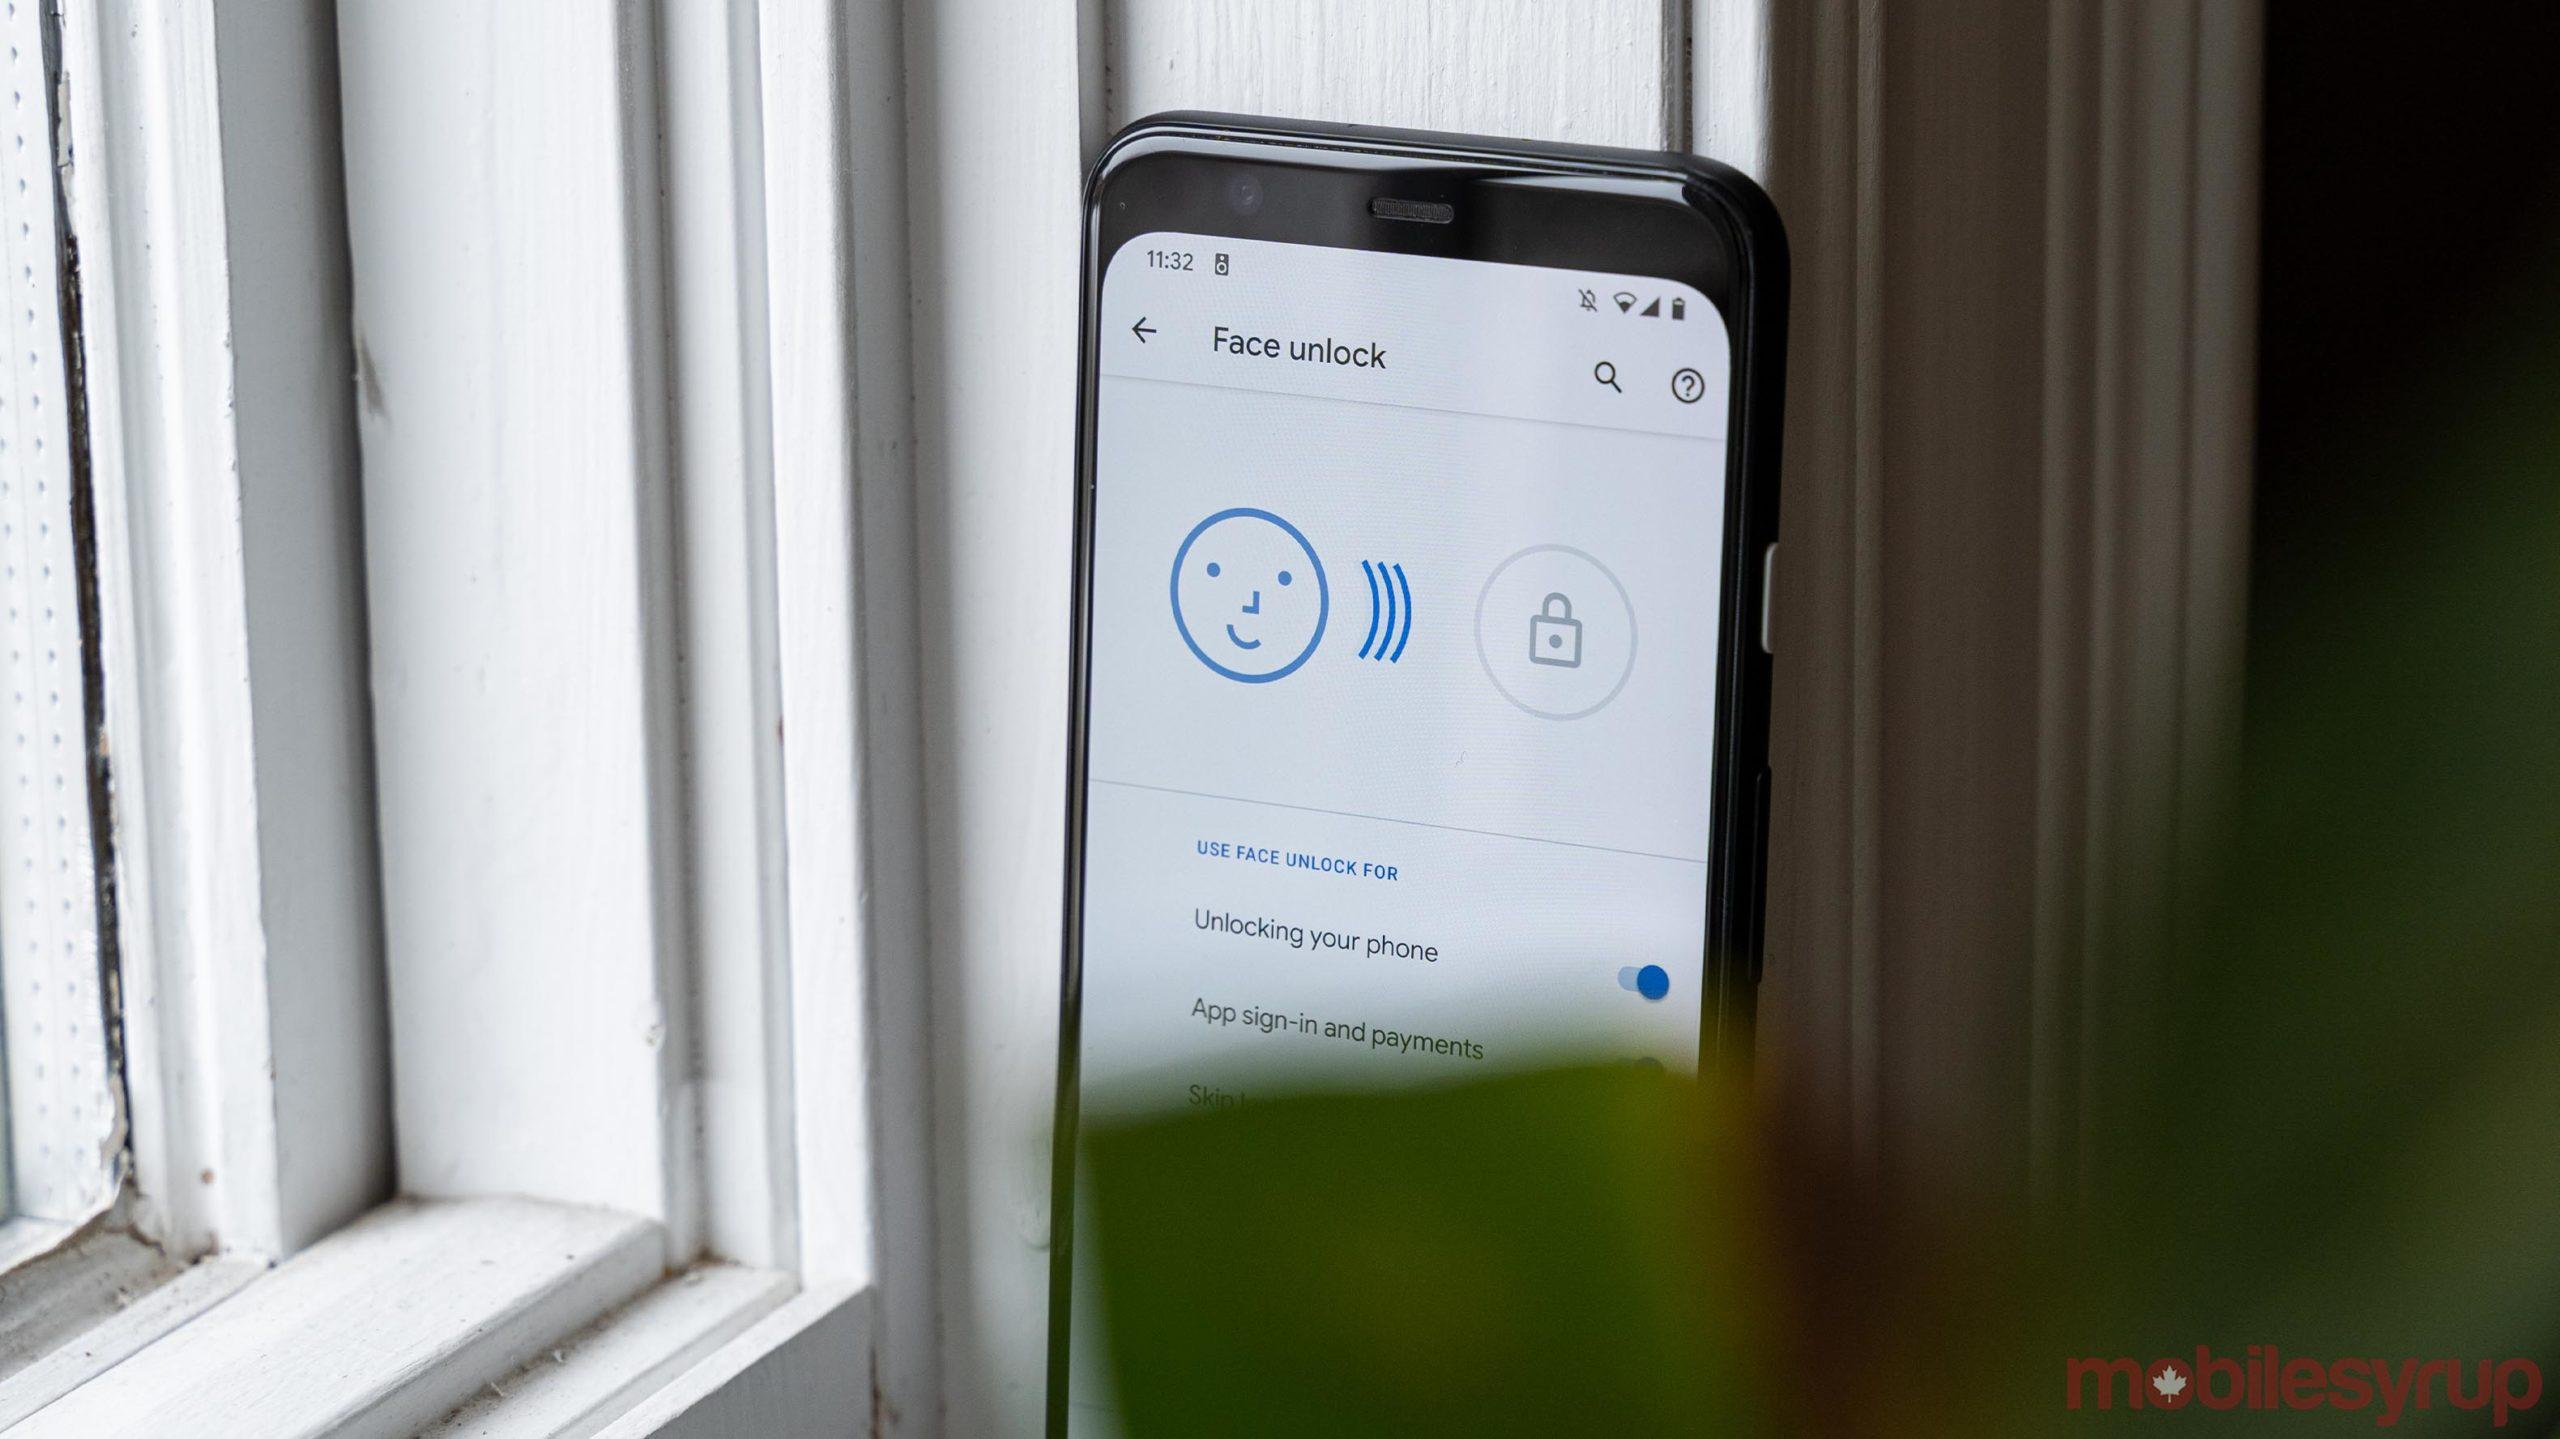 Pixel 4 Face unlock menu